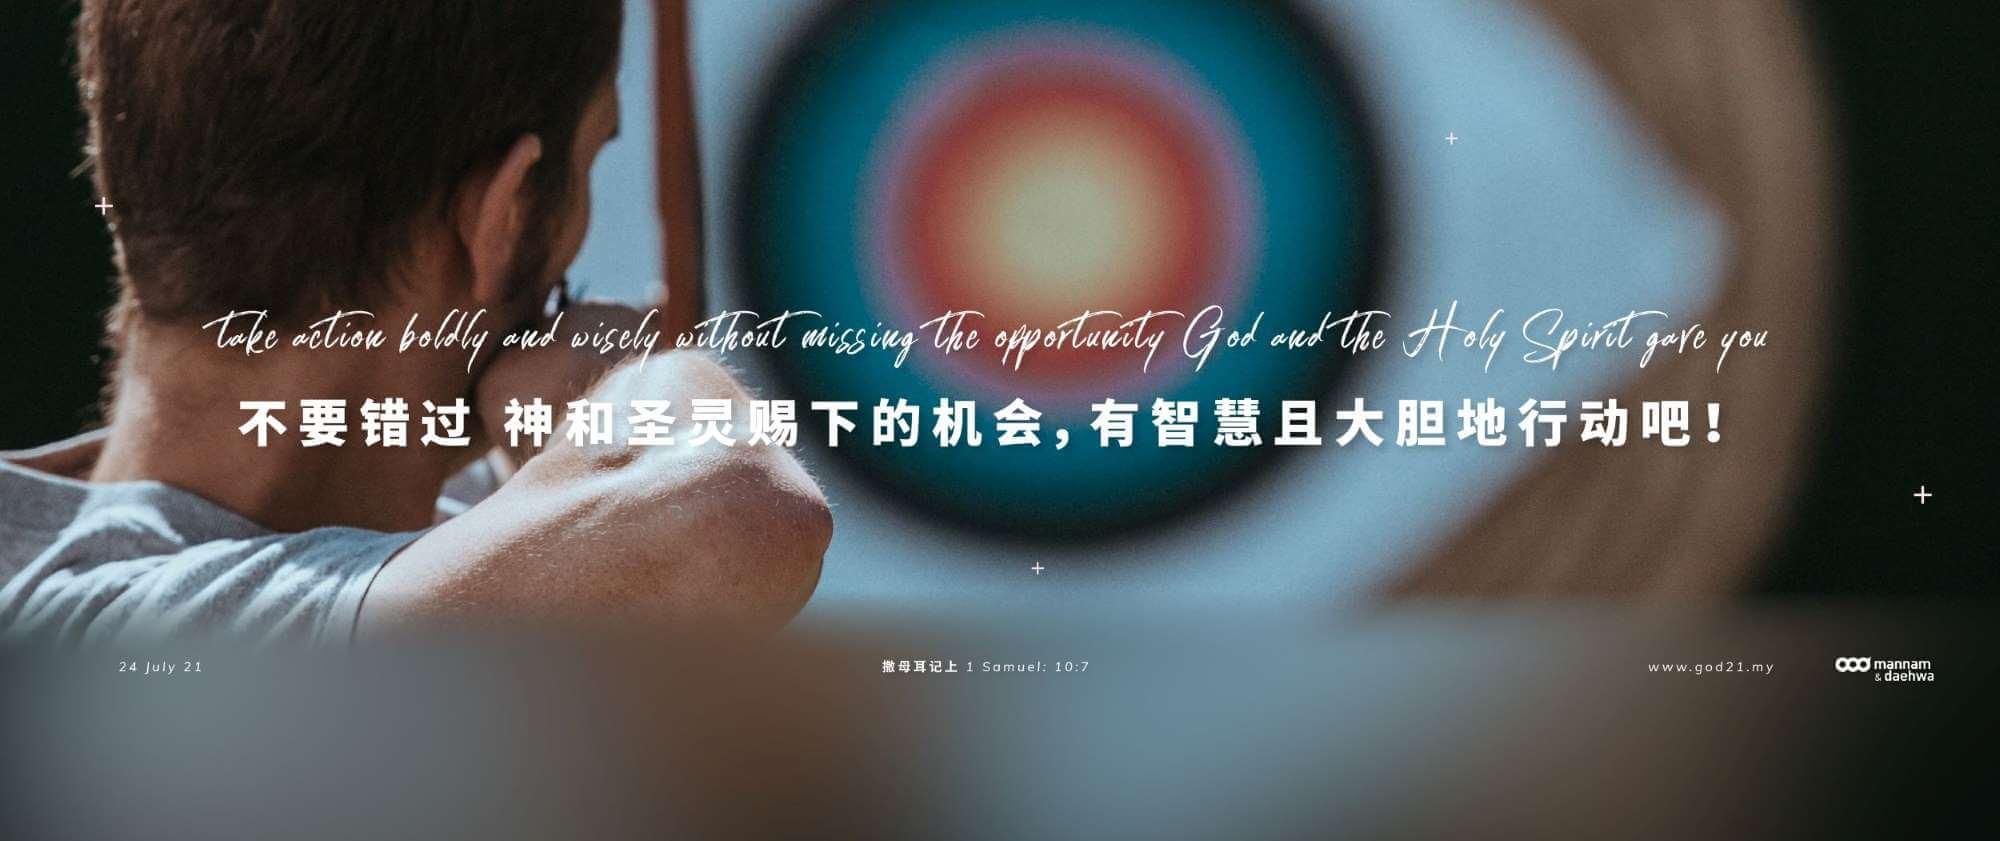 不要错过 神和圣灵赐下的机会,有智慧且大胆地行动吧!